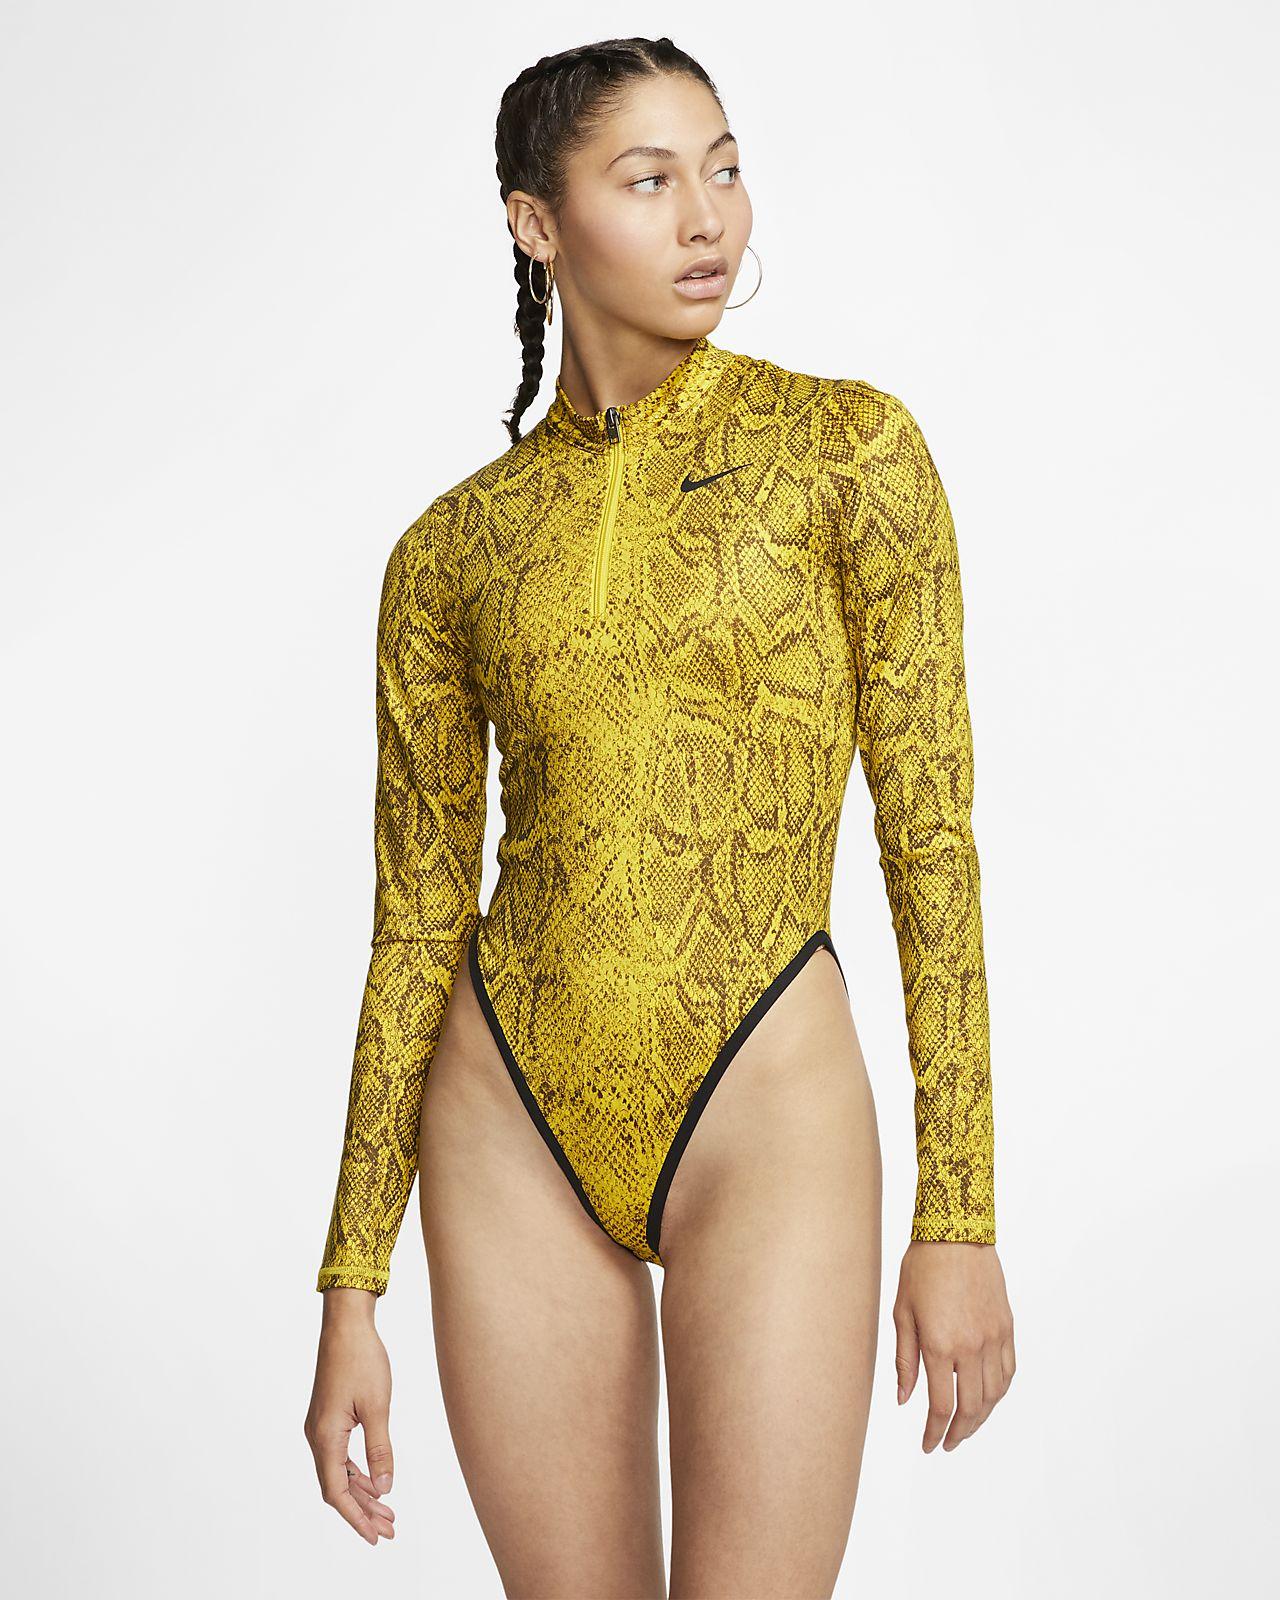 Nike Sportswear Women's Long-Sleeve Bodysuit